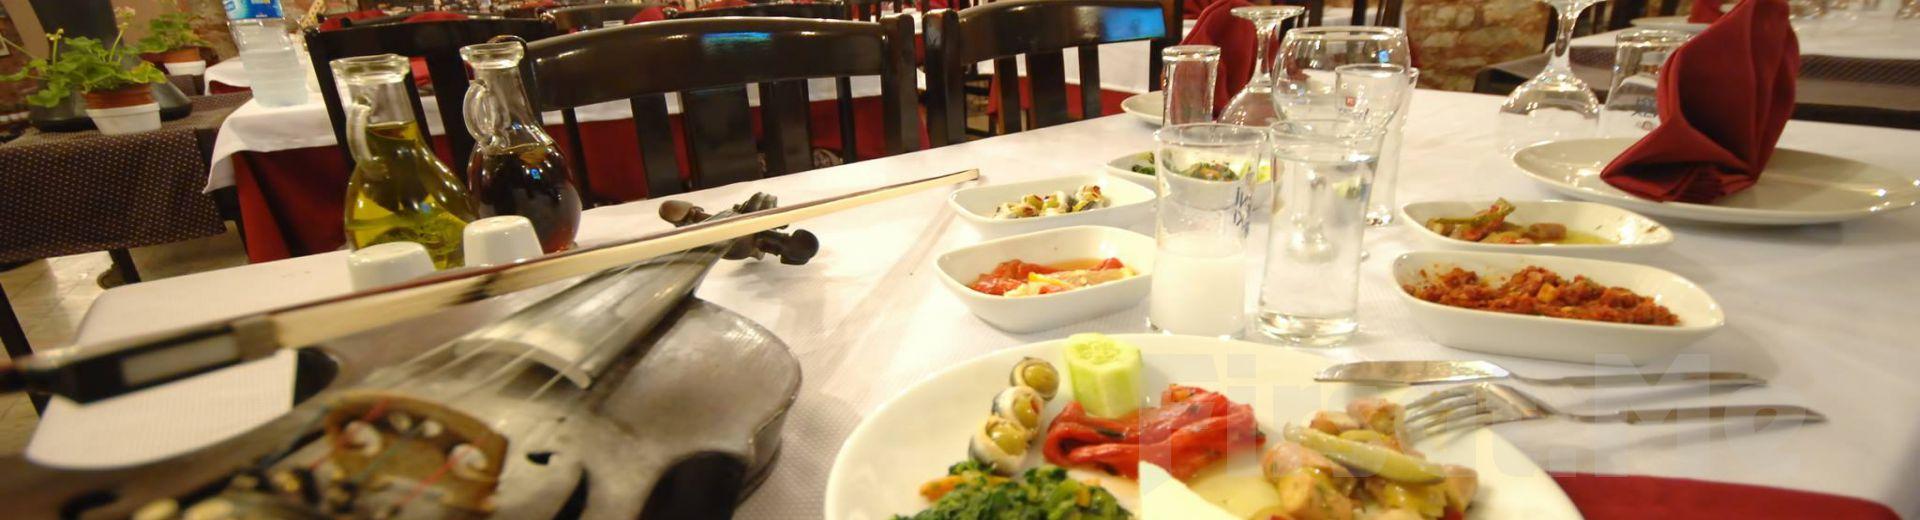 Kumkapı Tonoz Restaurant'ta İçki Dahil Fasıllı Leziz Yemek Menüsü ve Doyasıya Eğlence